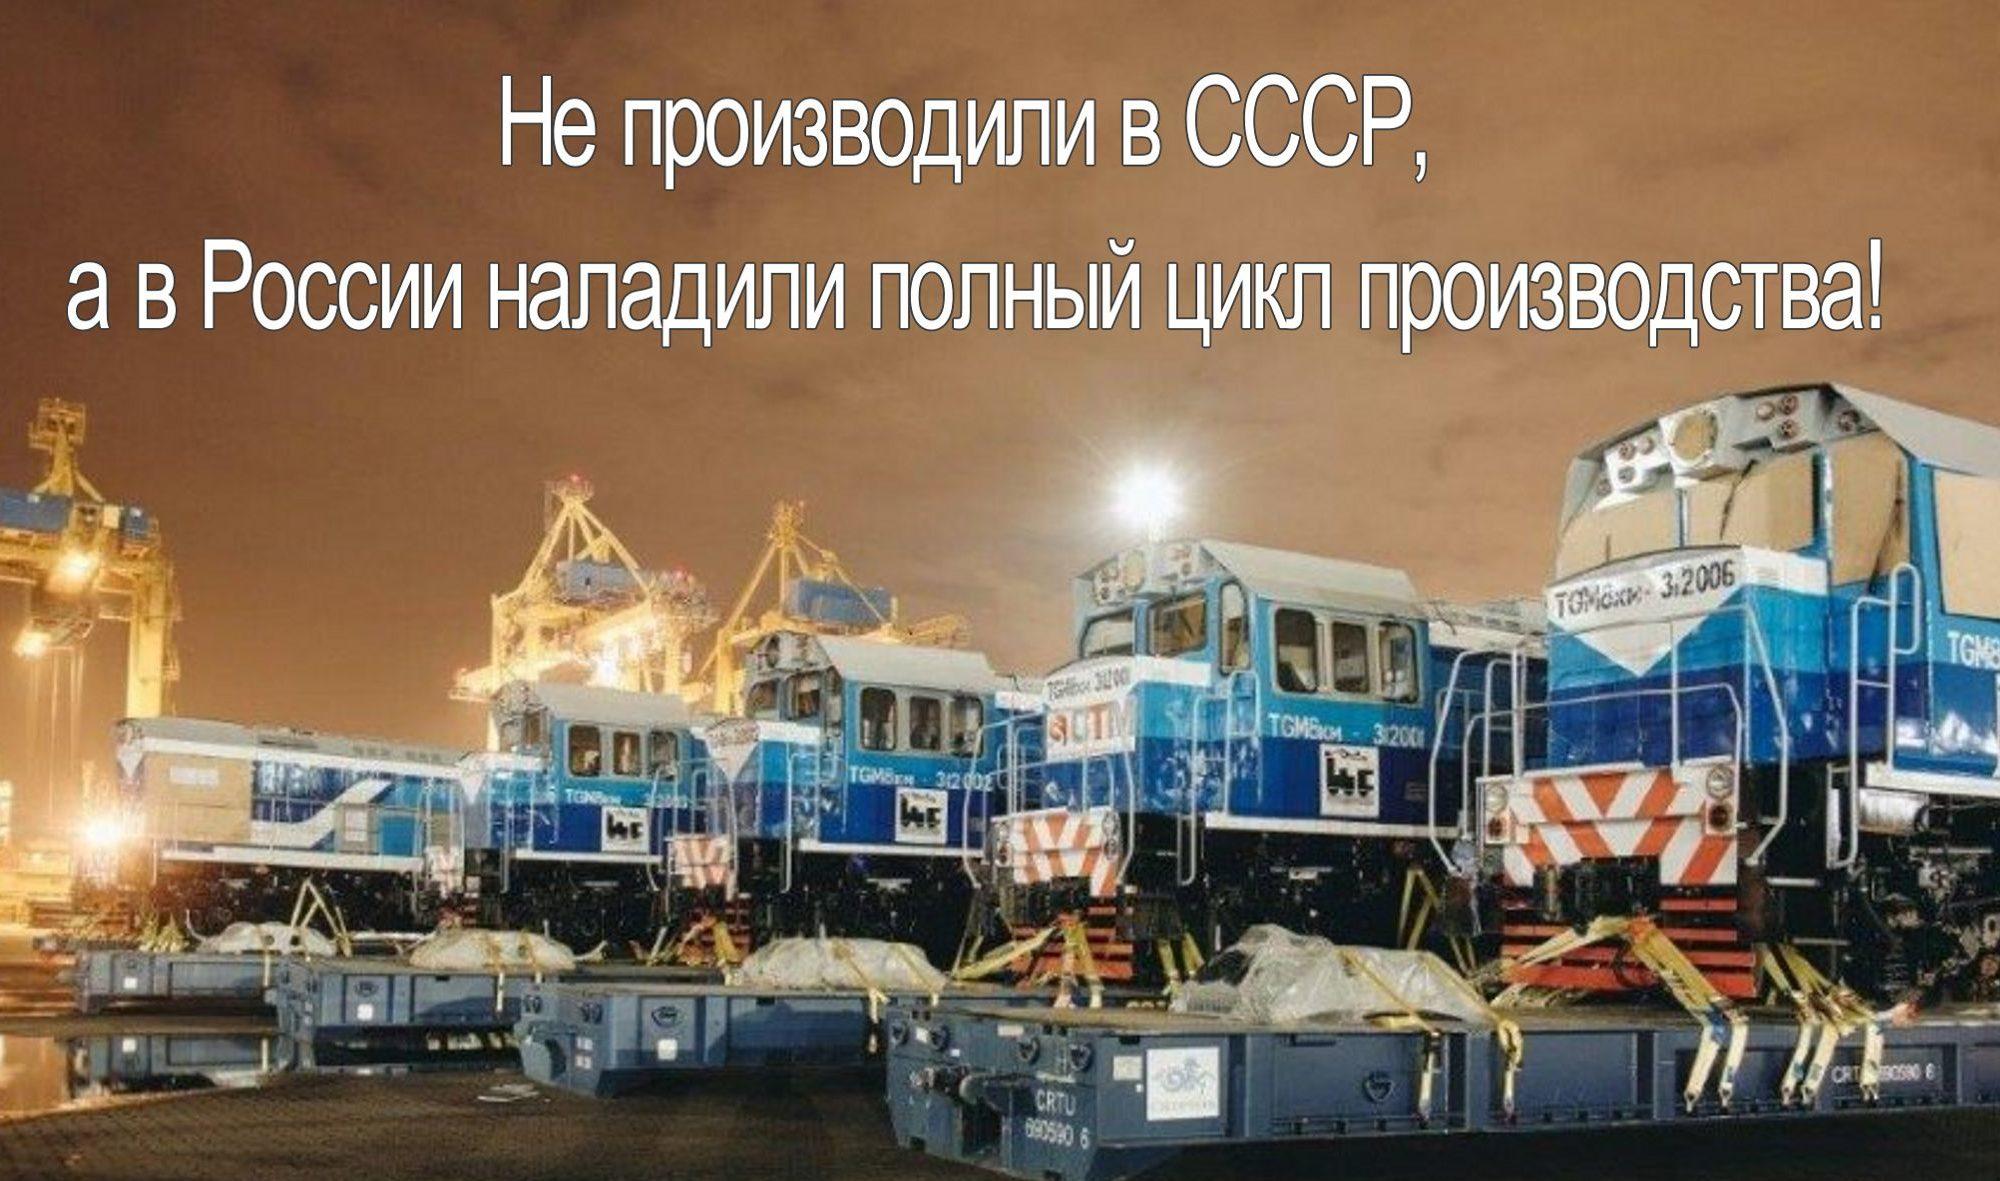 В России создали с нуля высокотехнологичную отрасль промышленности